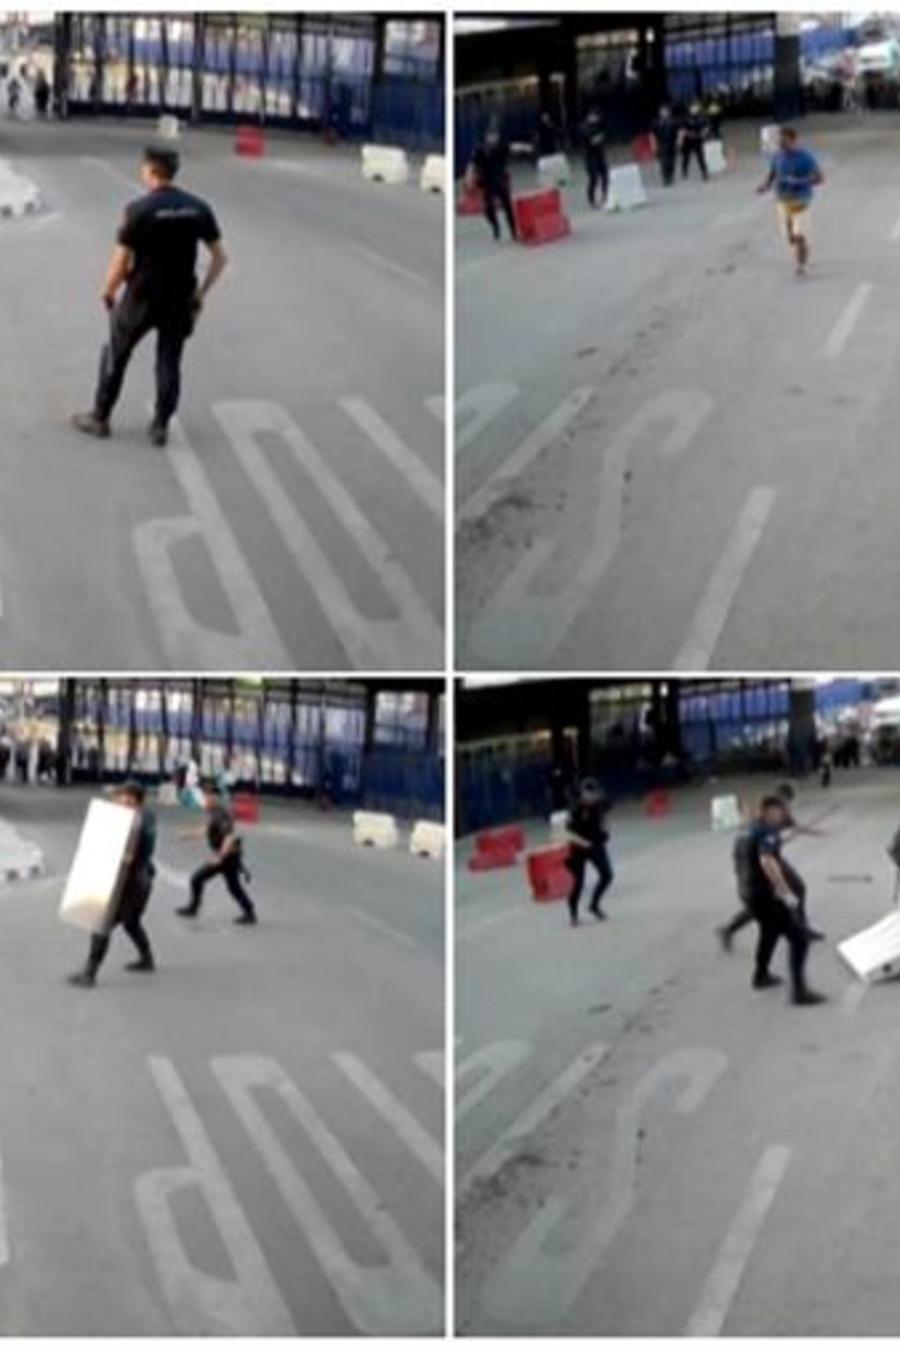 Momento en el que un hombre es detenido tras atacar con un cuchillo a un policía en Melilla, España